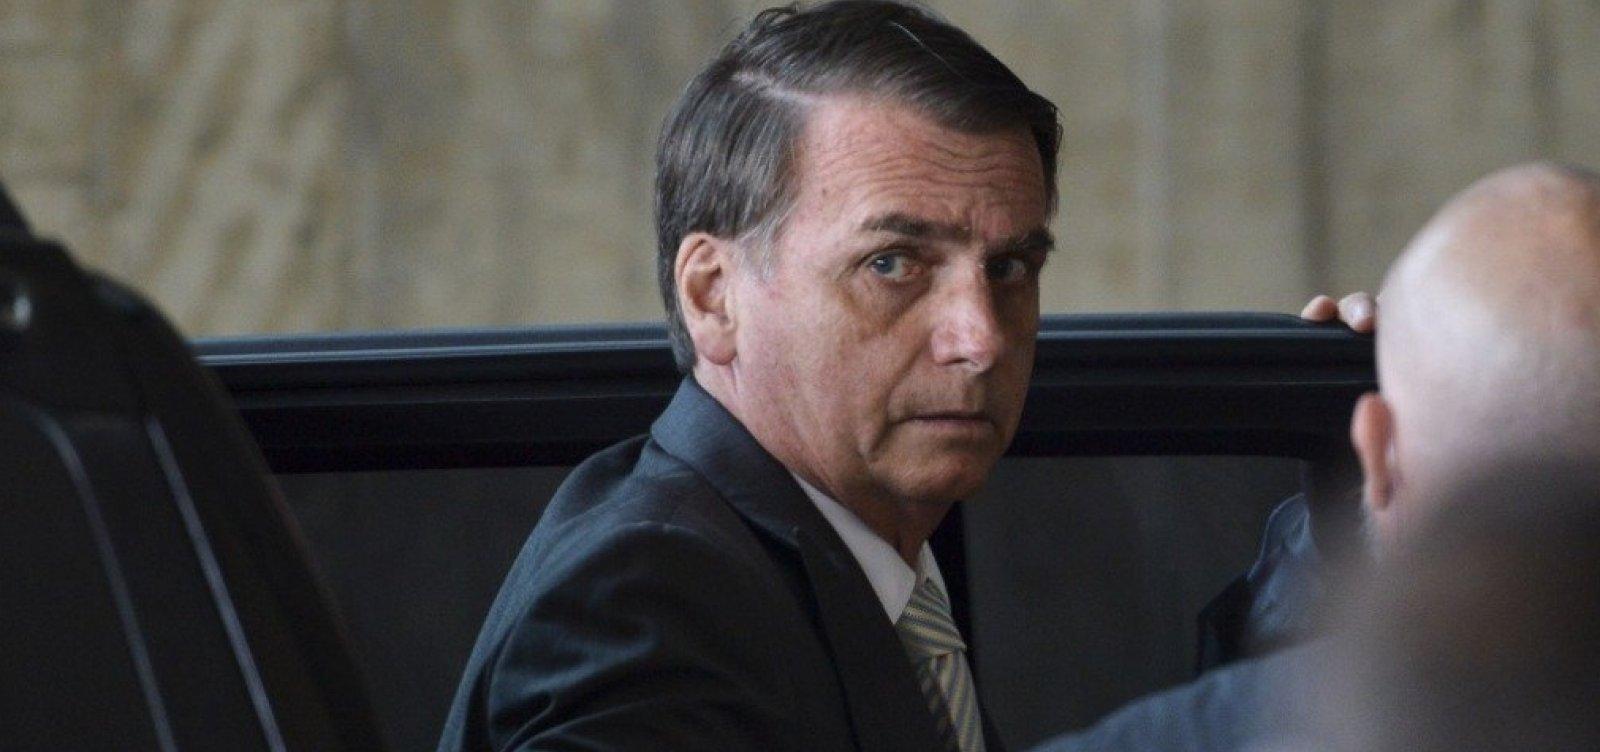 [Bolsonaro não pretende voltar atrás sobre mudança de embaixada em Israel]